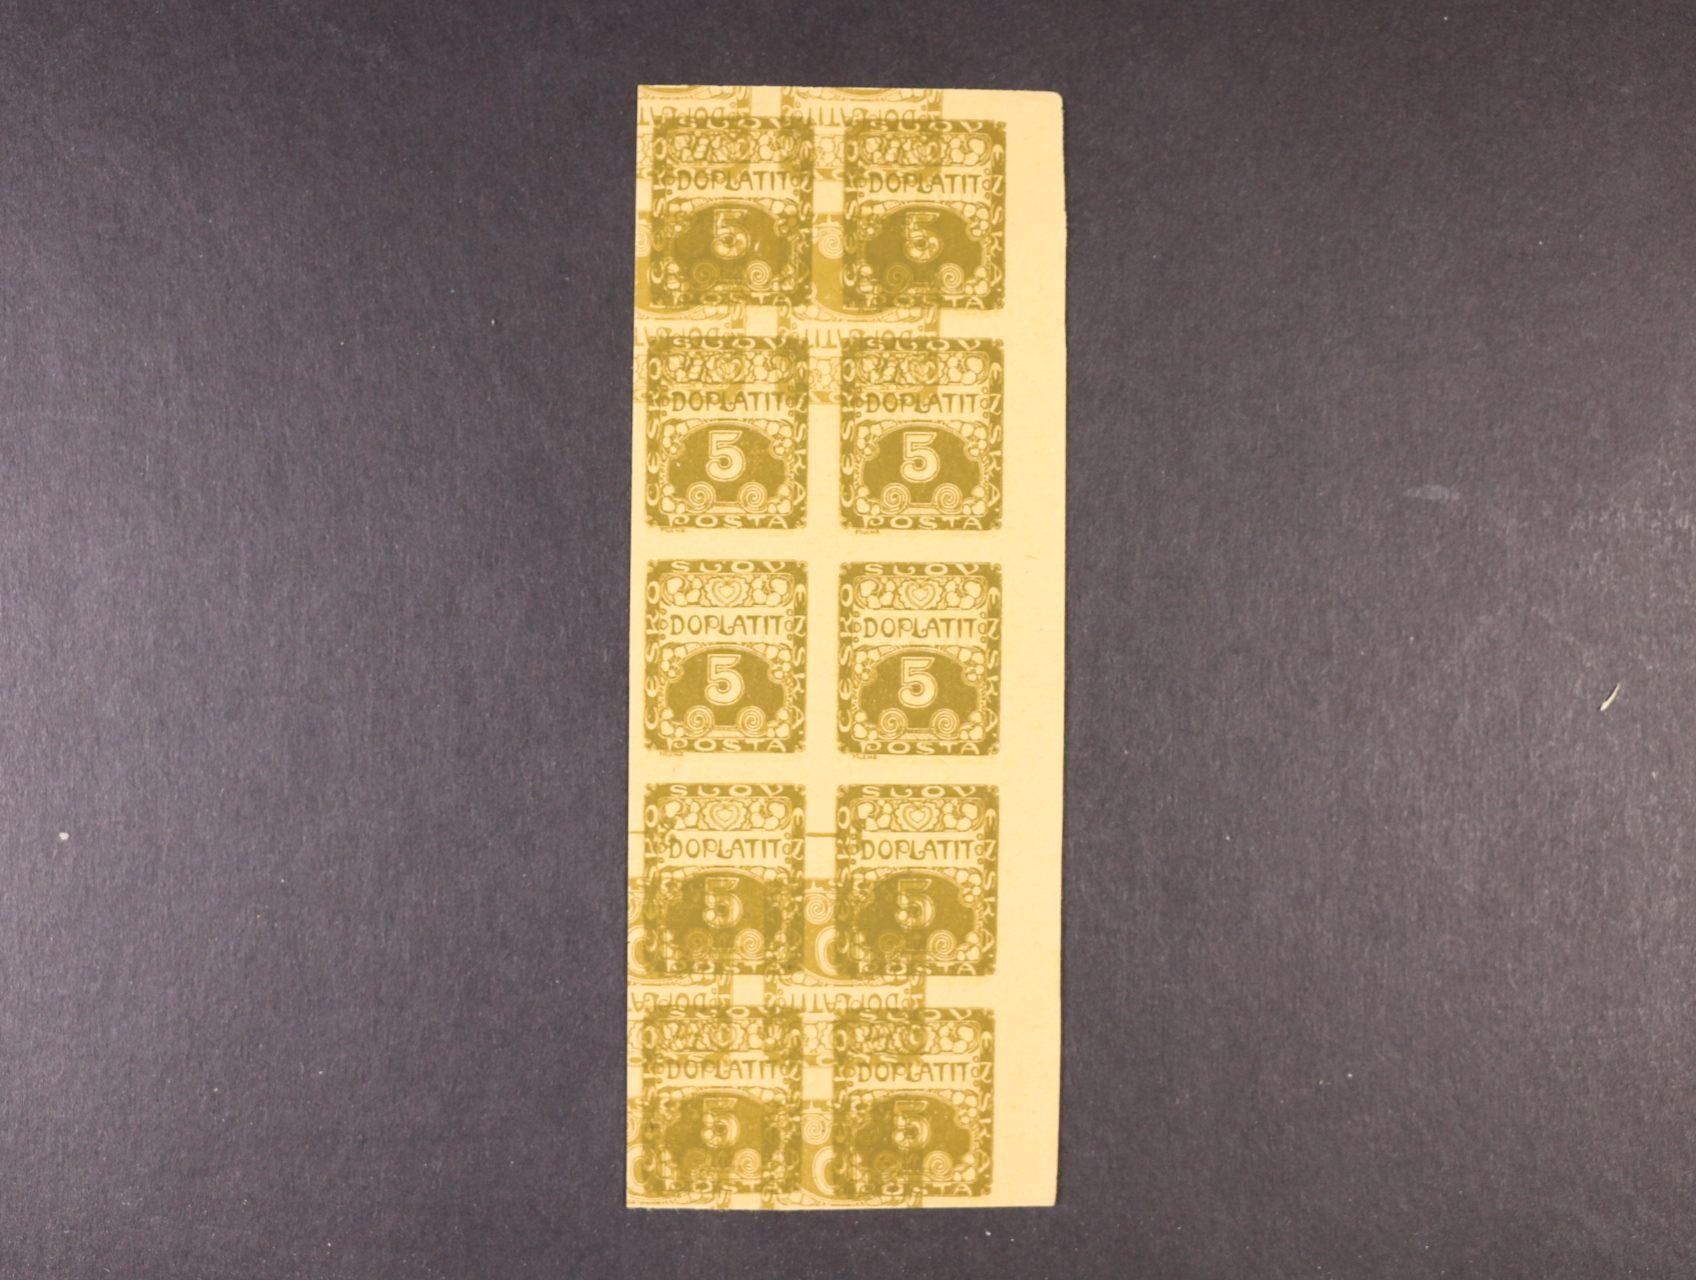 manipul. tisk zn. DL č. 1 - levý horní roh. 10ti-blok přes který je tisk stejnosměrného meziarší zn. DL č. 1 s DL 2, zajímavé